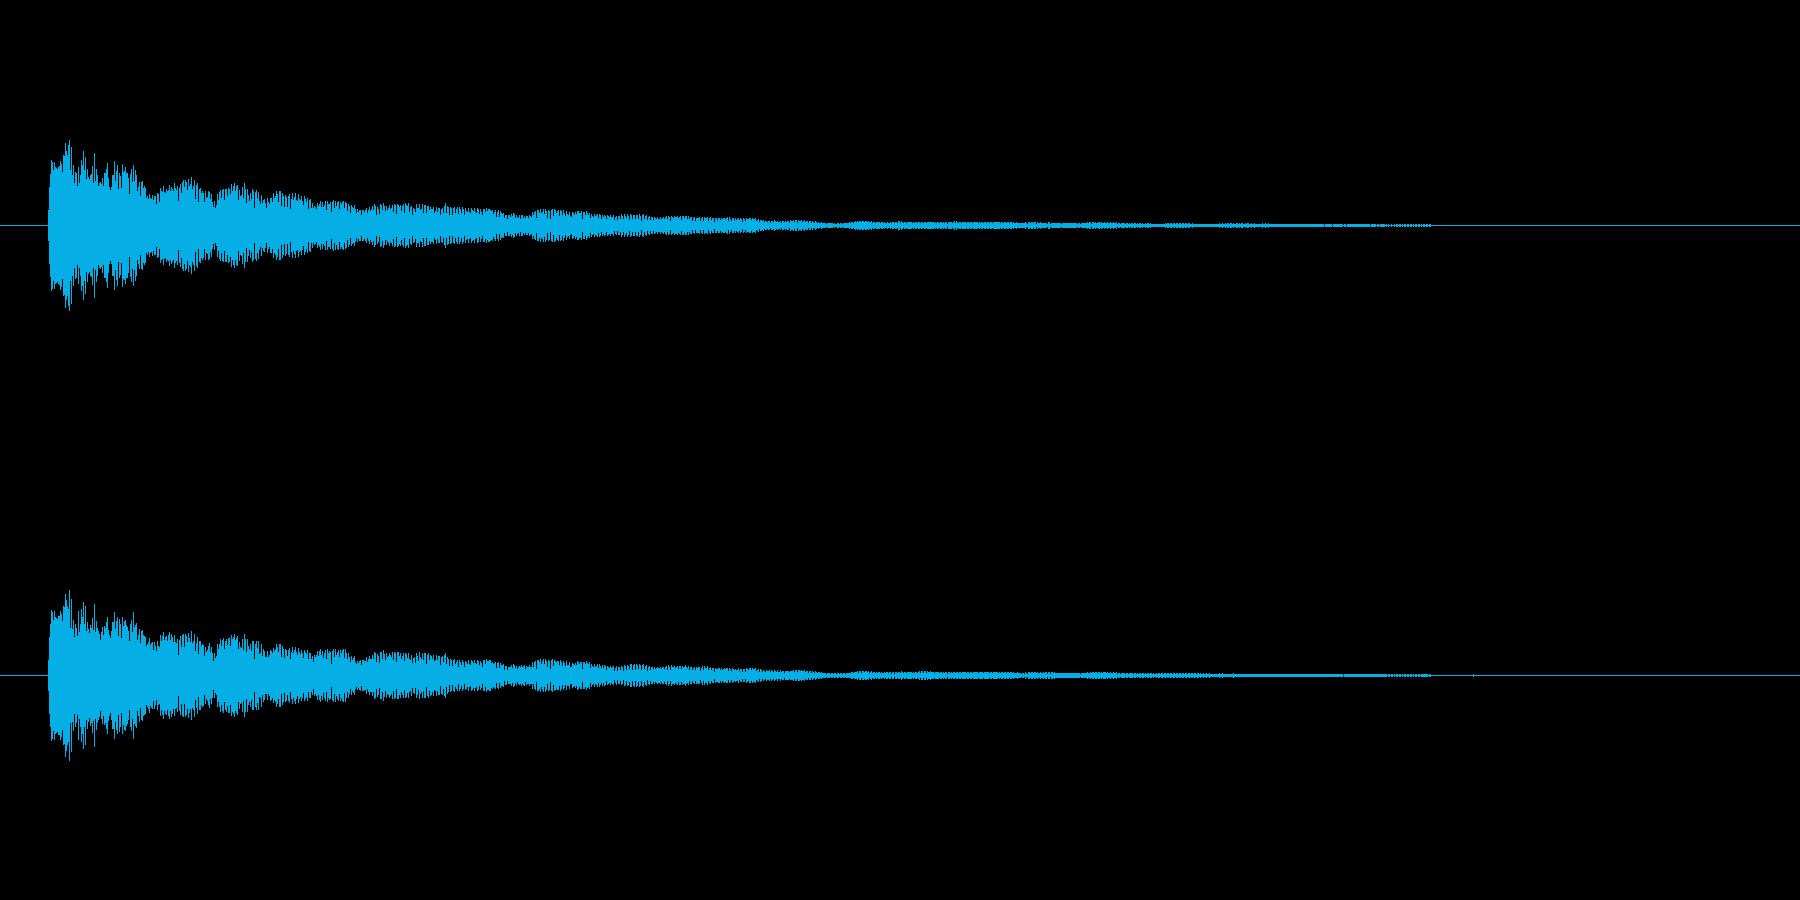 【ひらめき10-2】の再生済みの波形